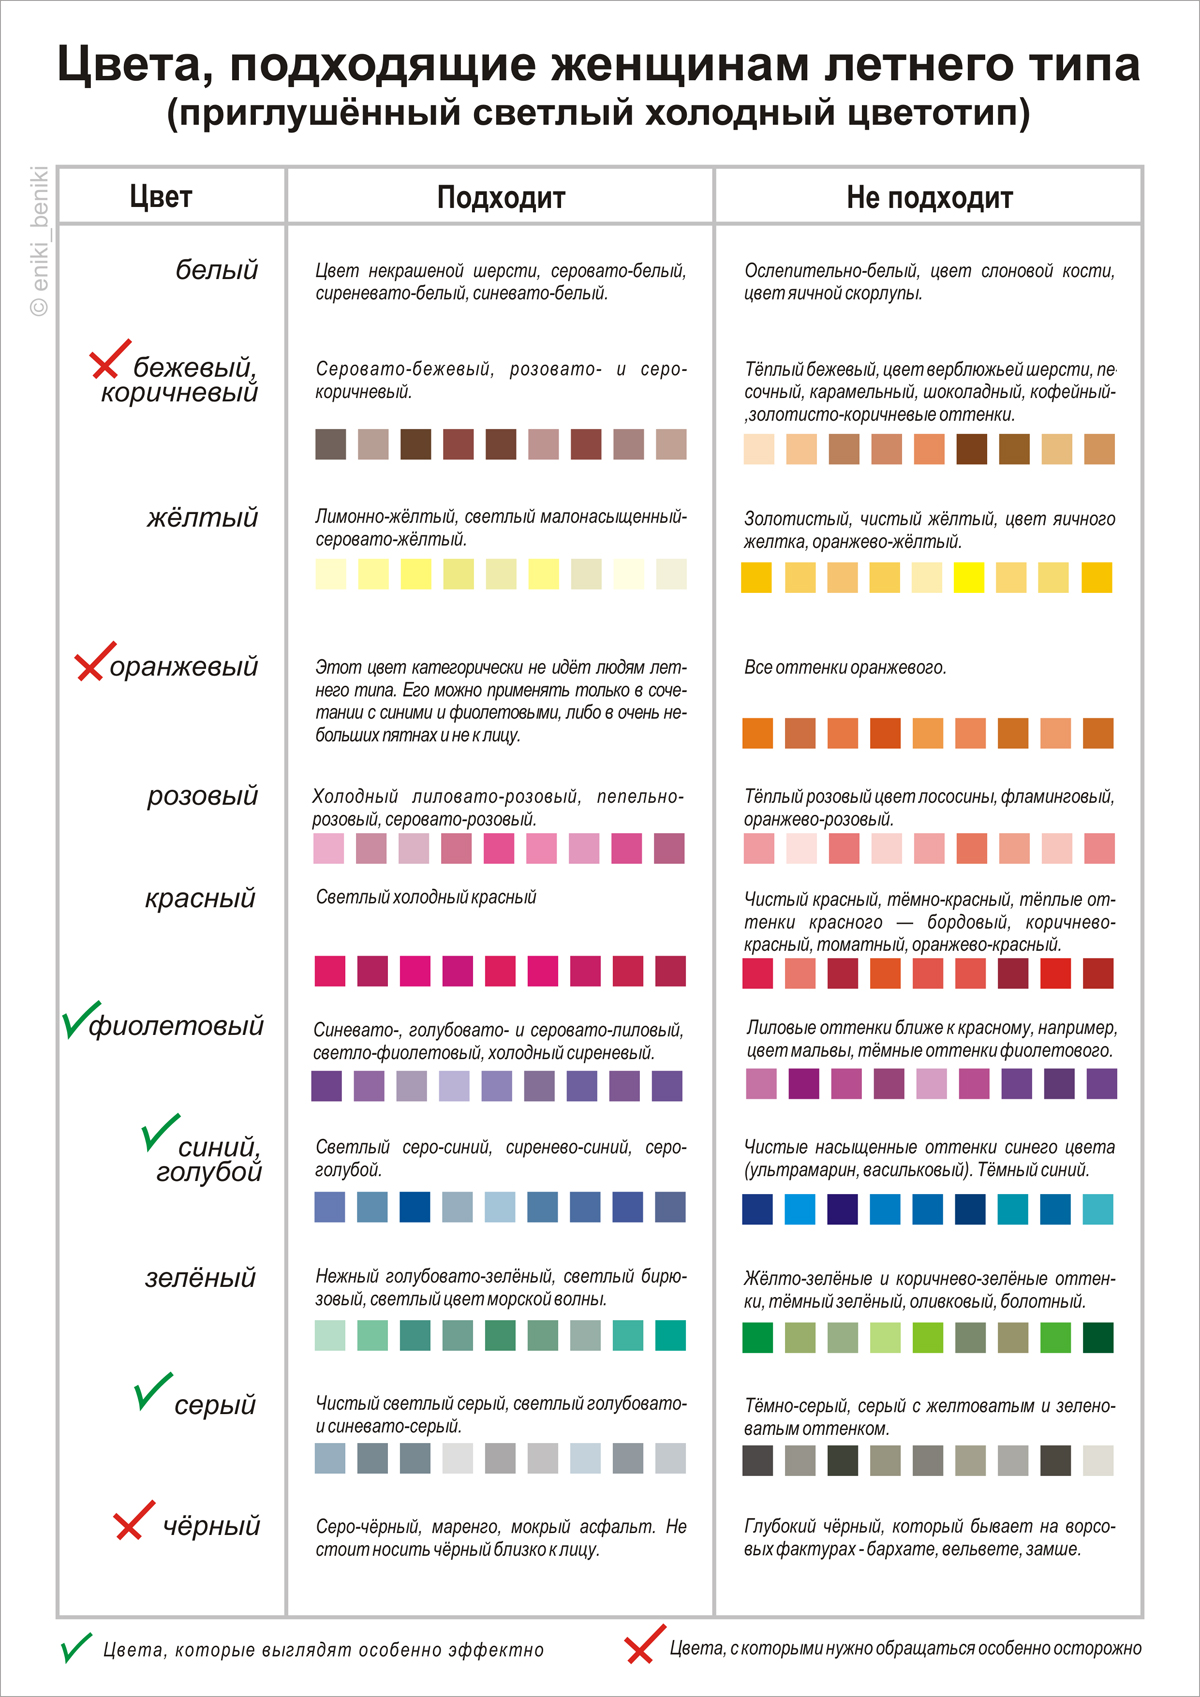 Цветотип внешности лето цвета палитра фото